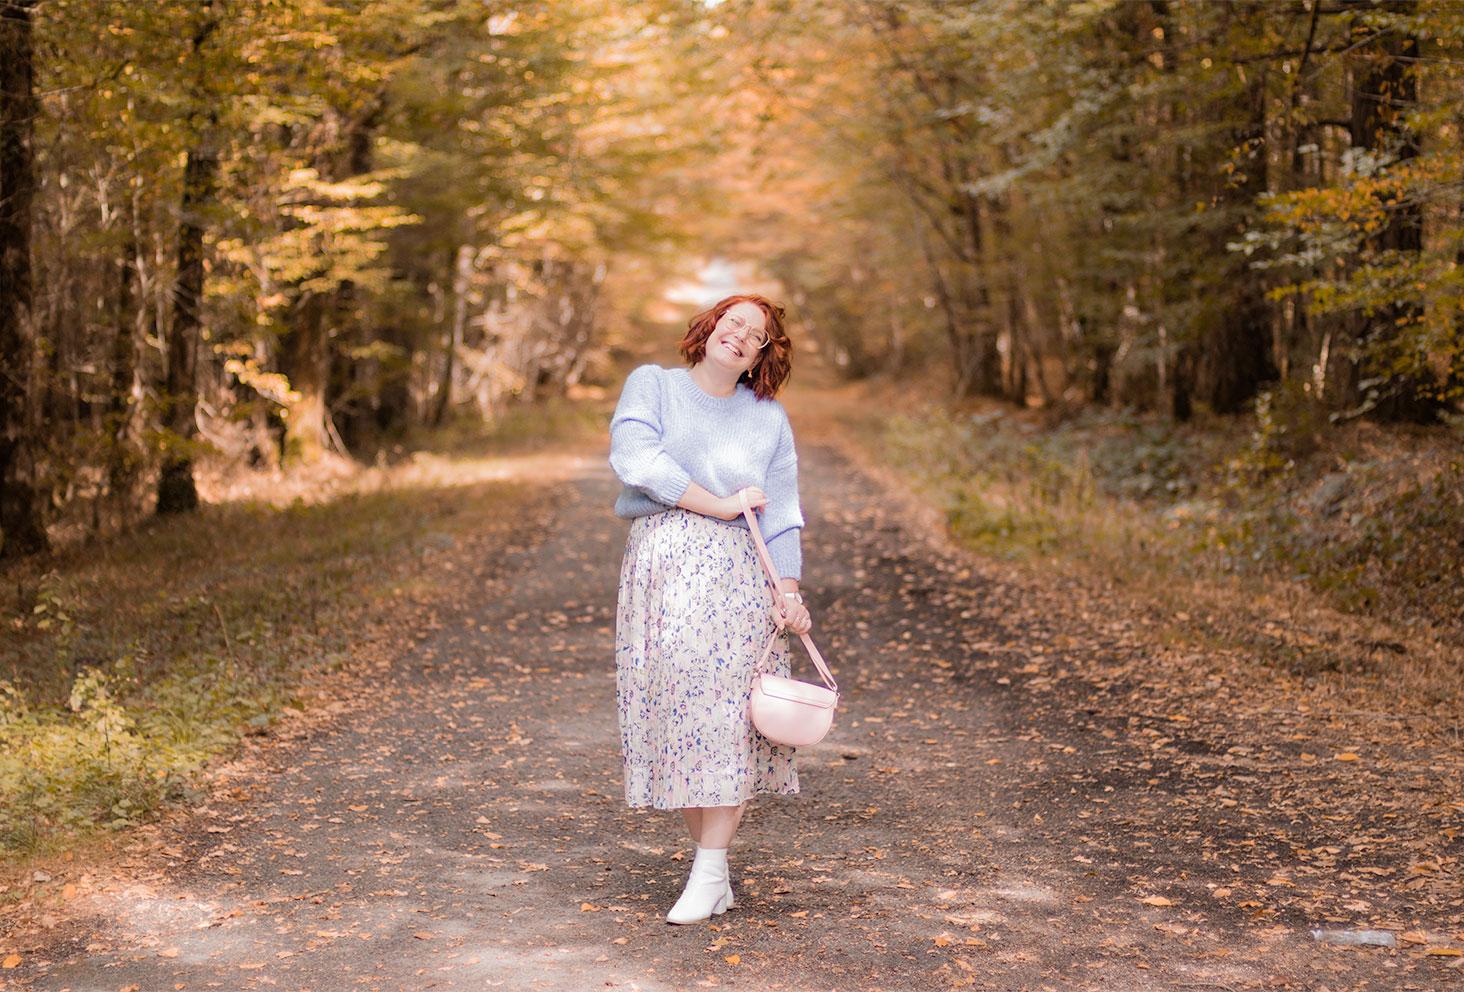 Dans la forêt en total look pastel, jupe longue et pull en laine, au milieu des couleurs de l'automne